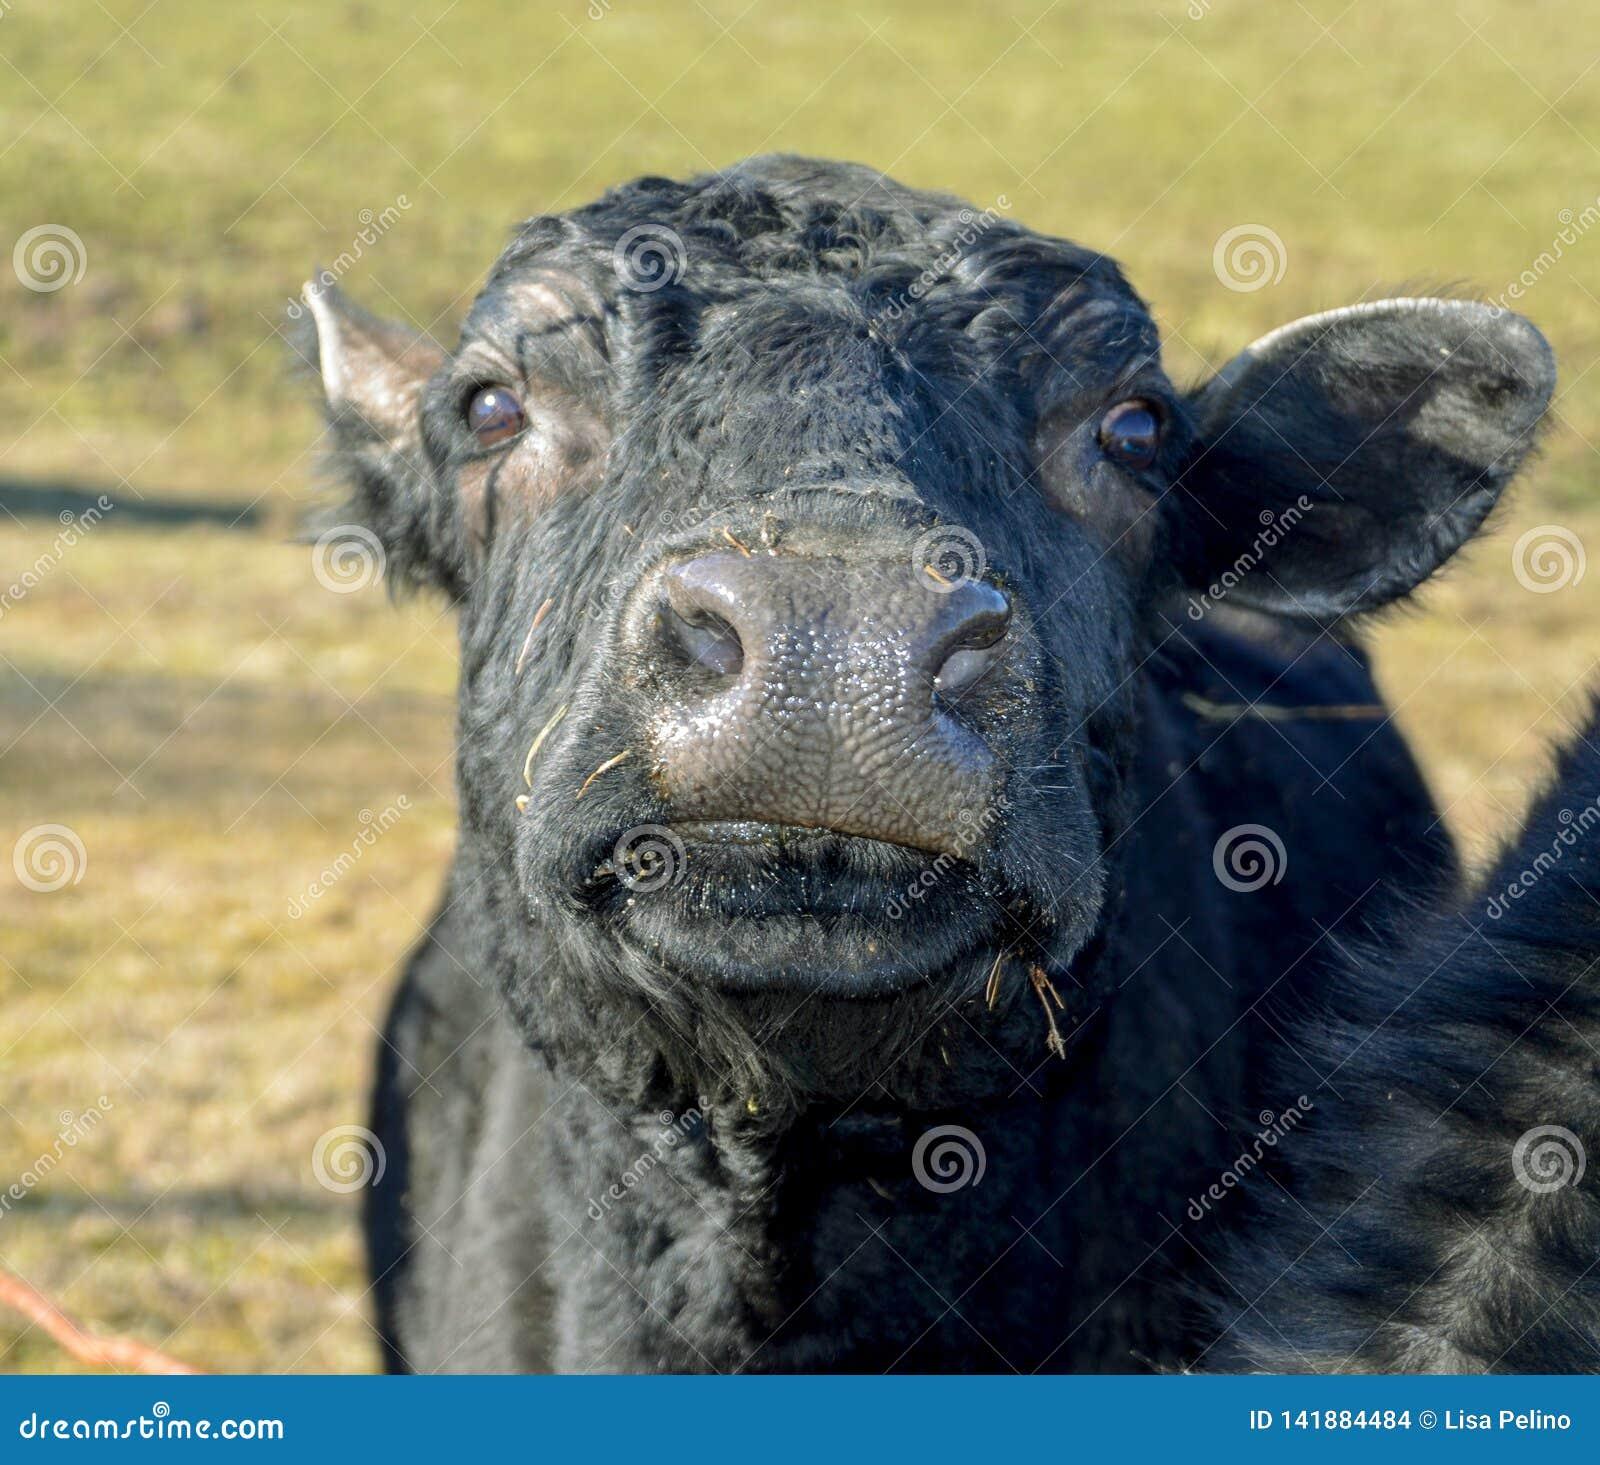 Любопытная черная корова дает смешной, любопытный взгляд